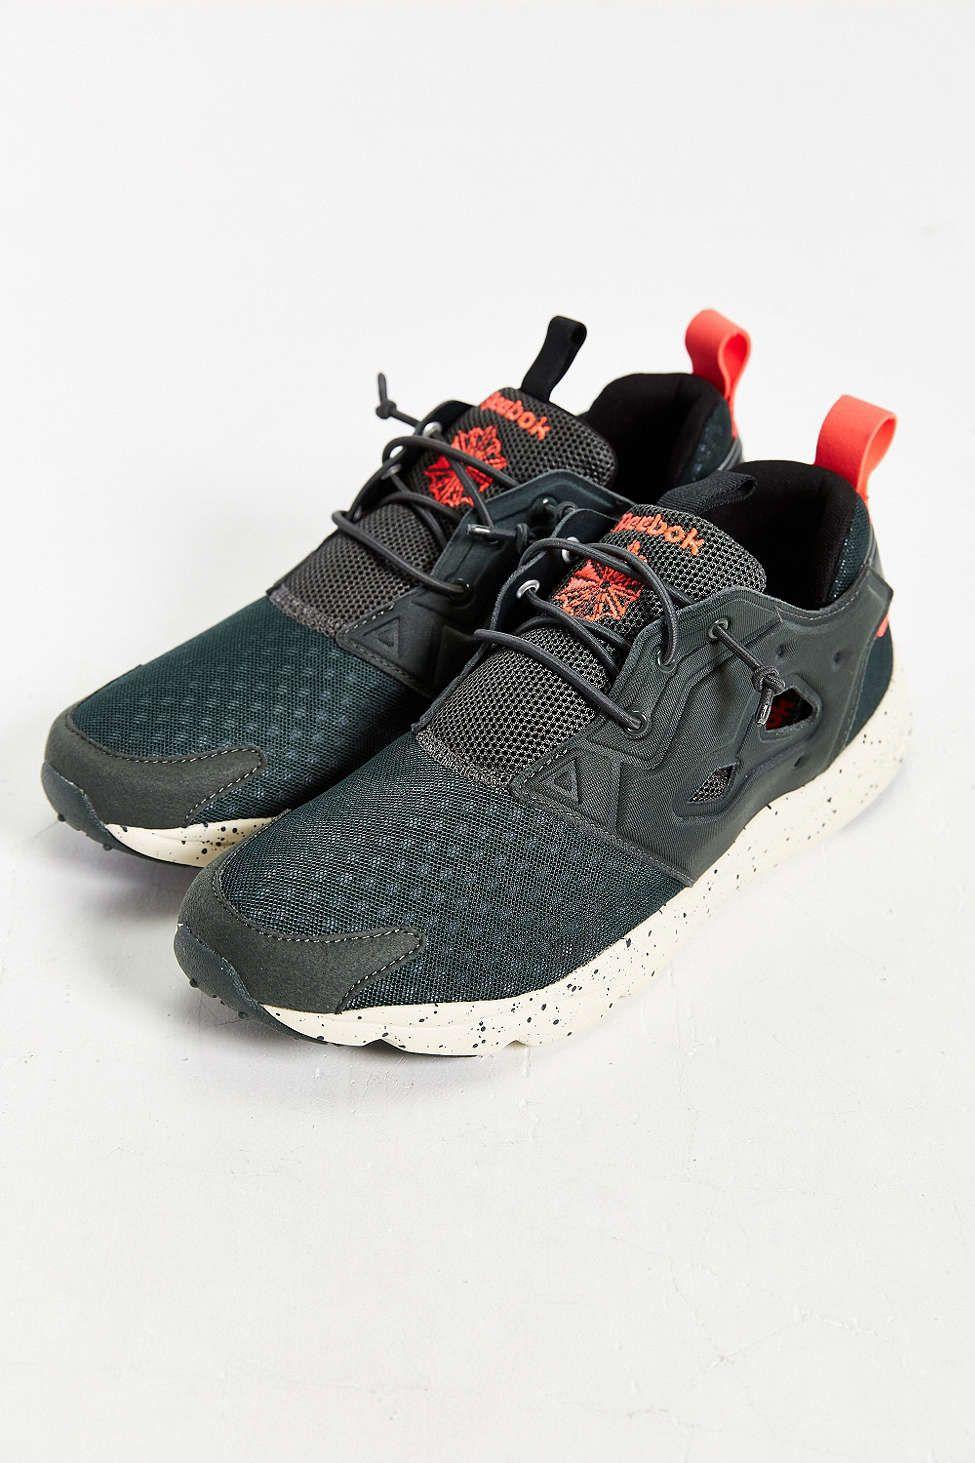 ee7f4d55f62 Reebok FuryLite Running Sneaker - Urban Outfitters Reebok Furylite